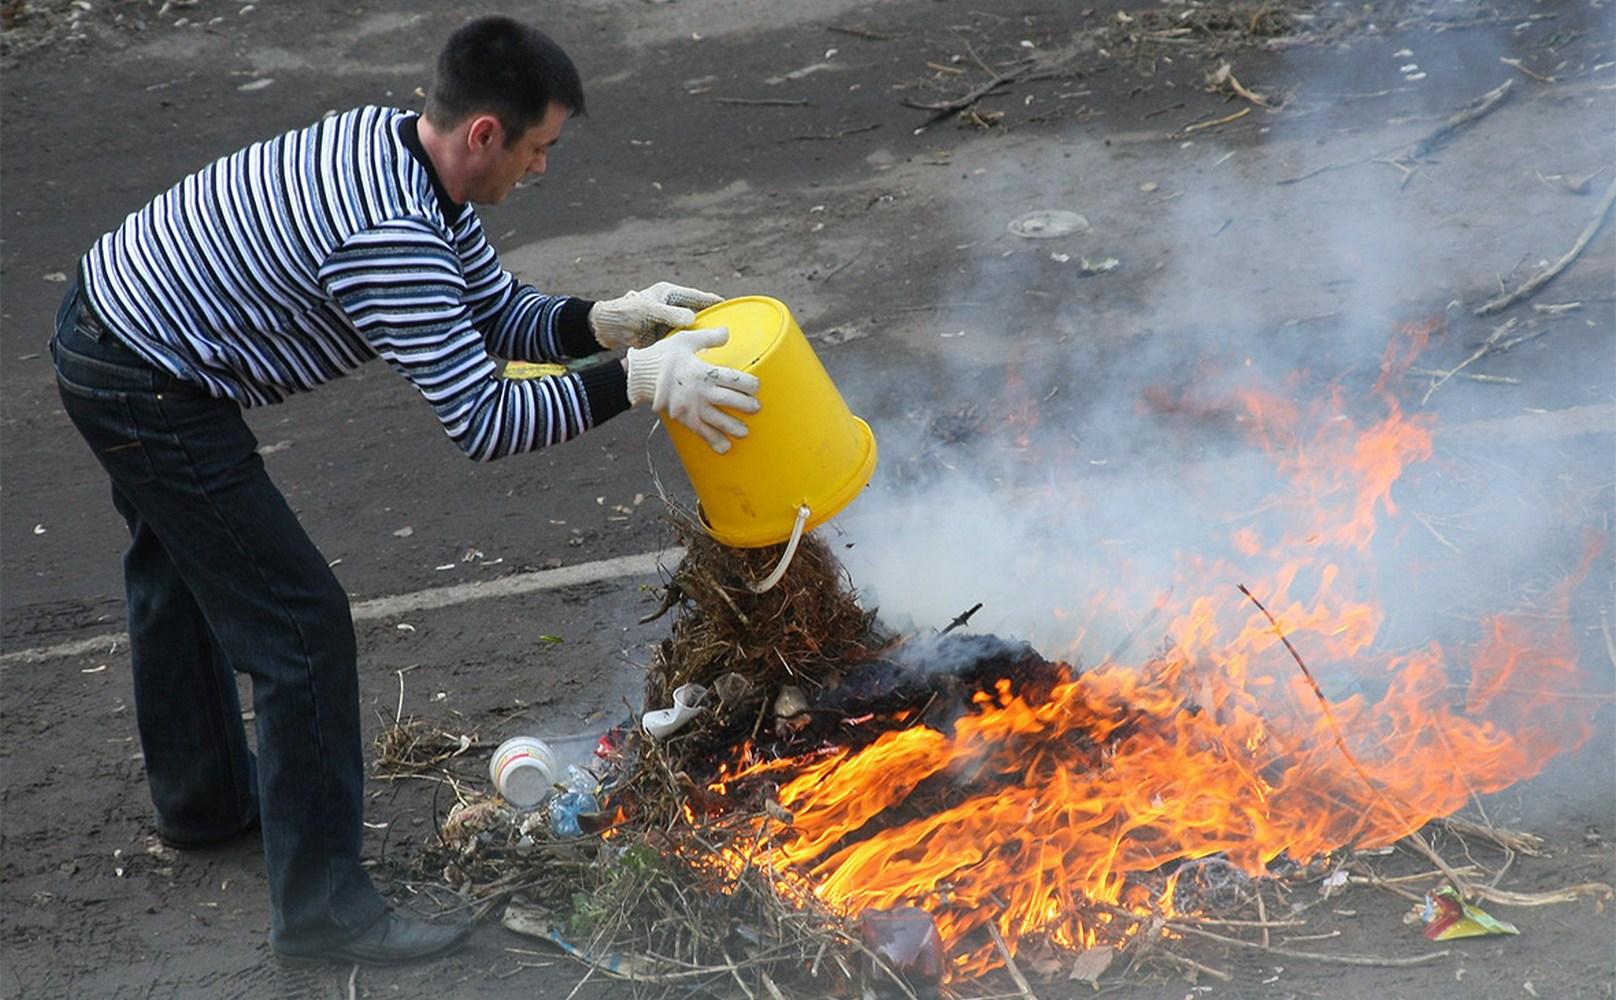 сжигание мусора во дворе